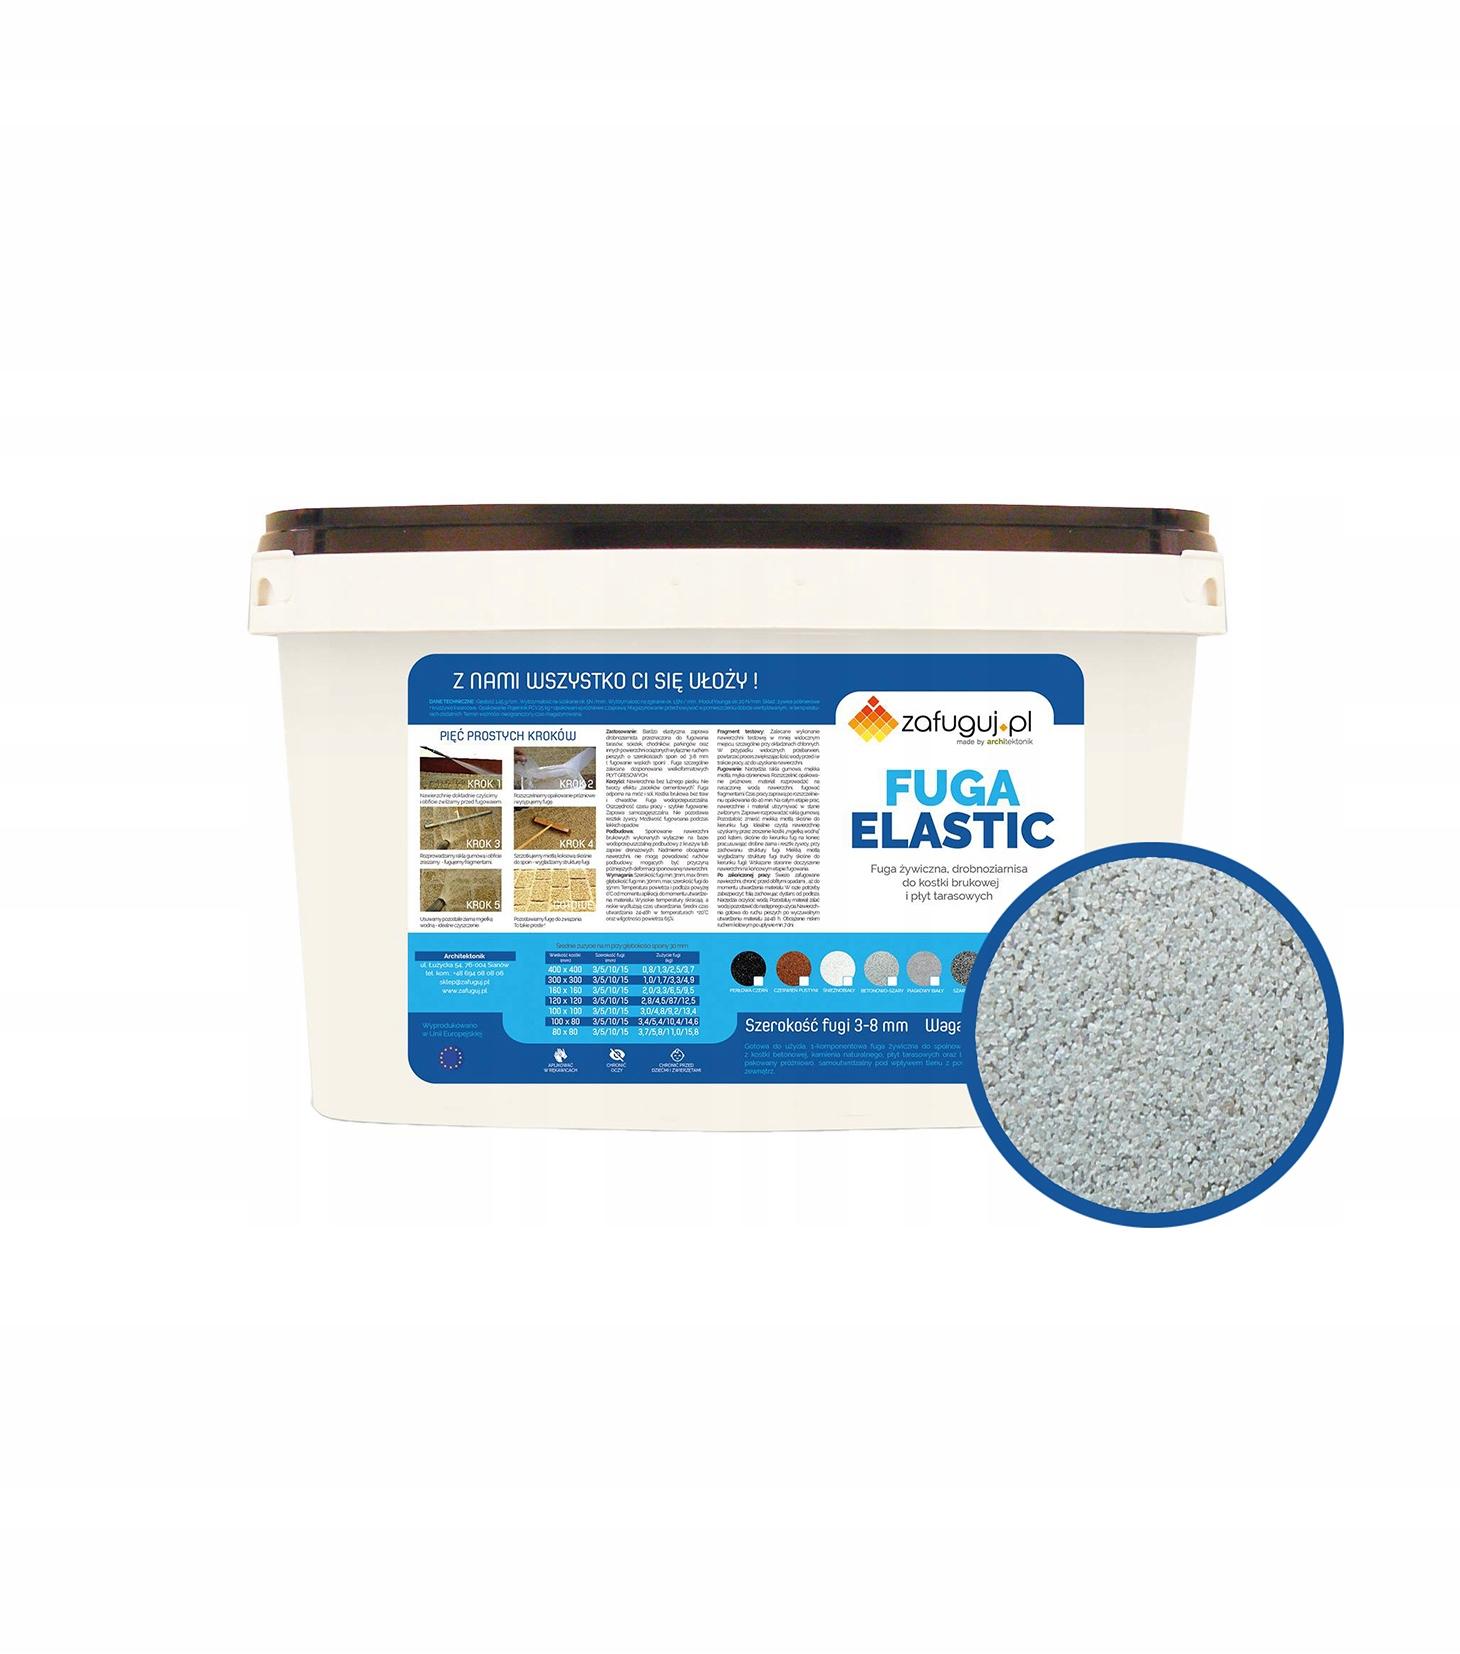 Смешайте эластичный раствор - бетонно-серый / смоляной раствор